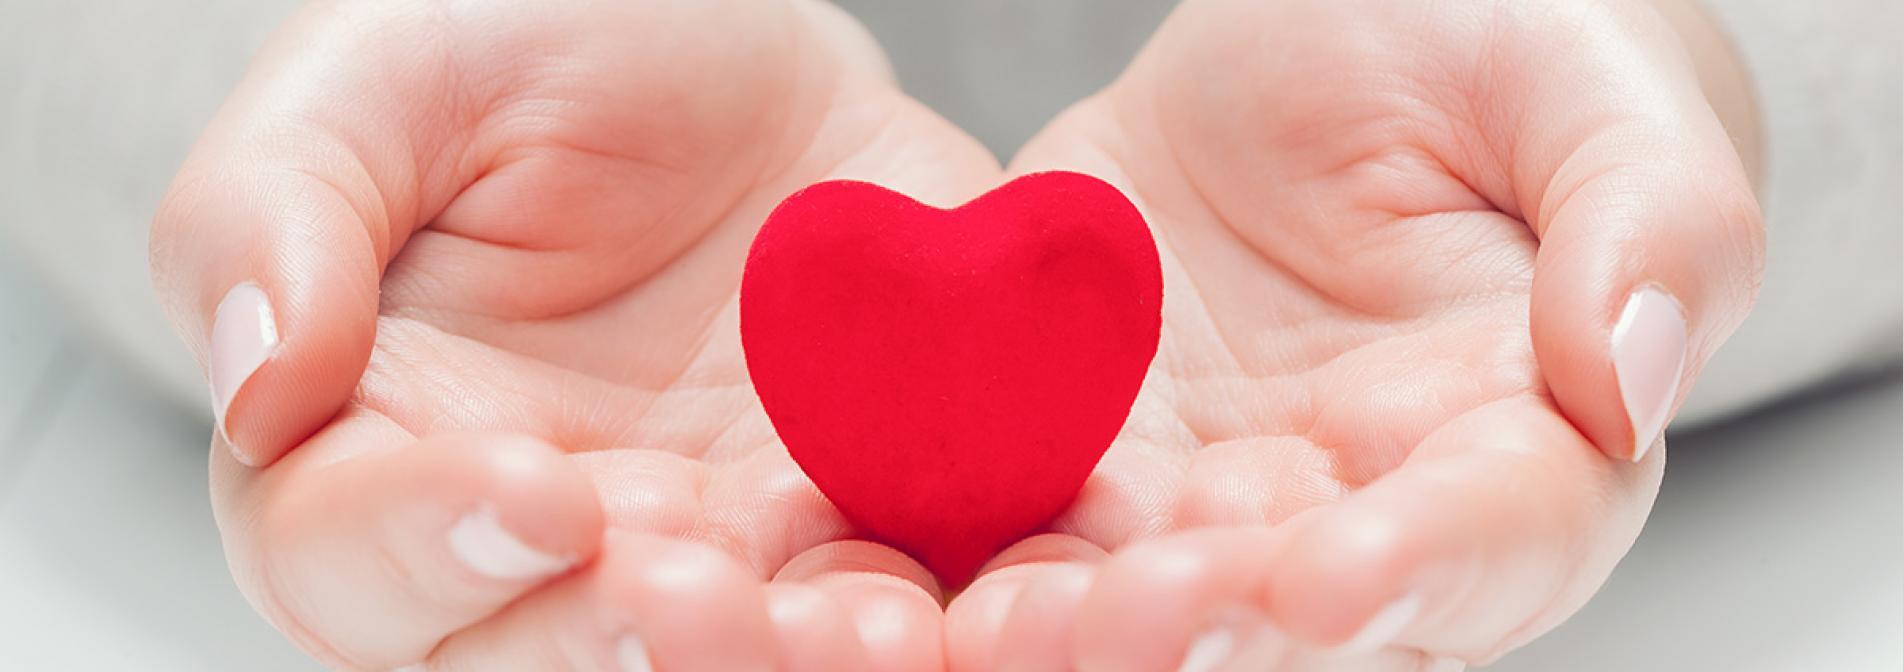 Rinkis kelią į sveiką širdį!